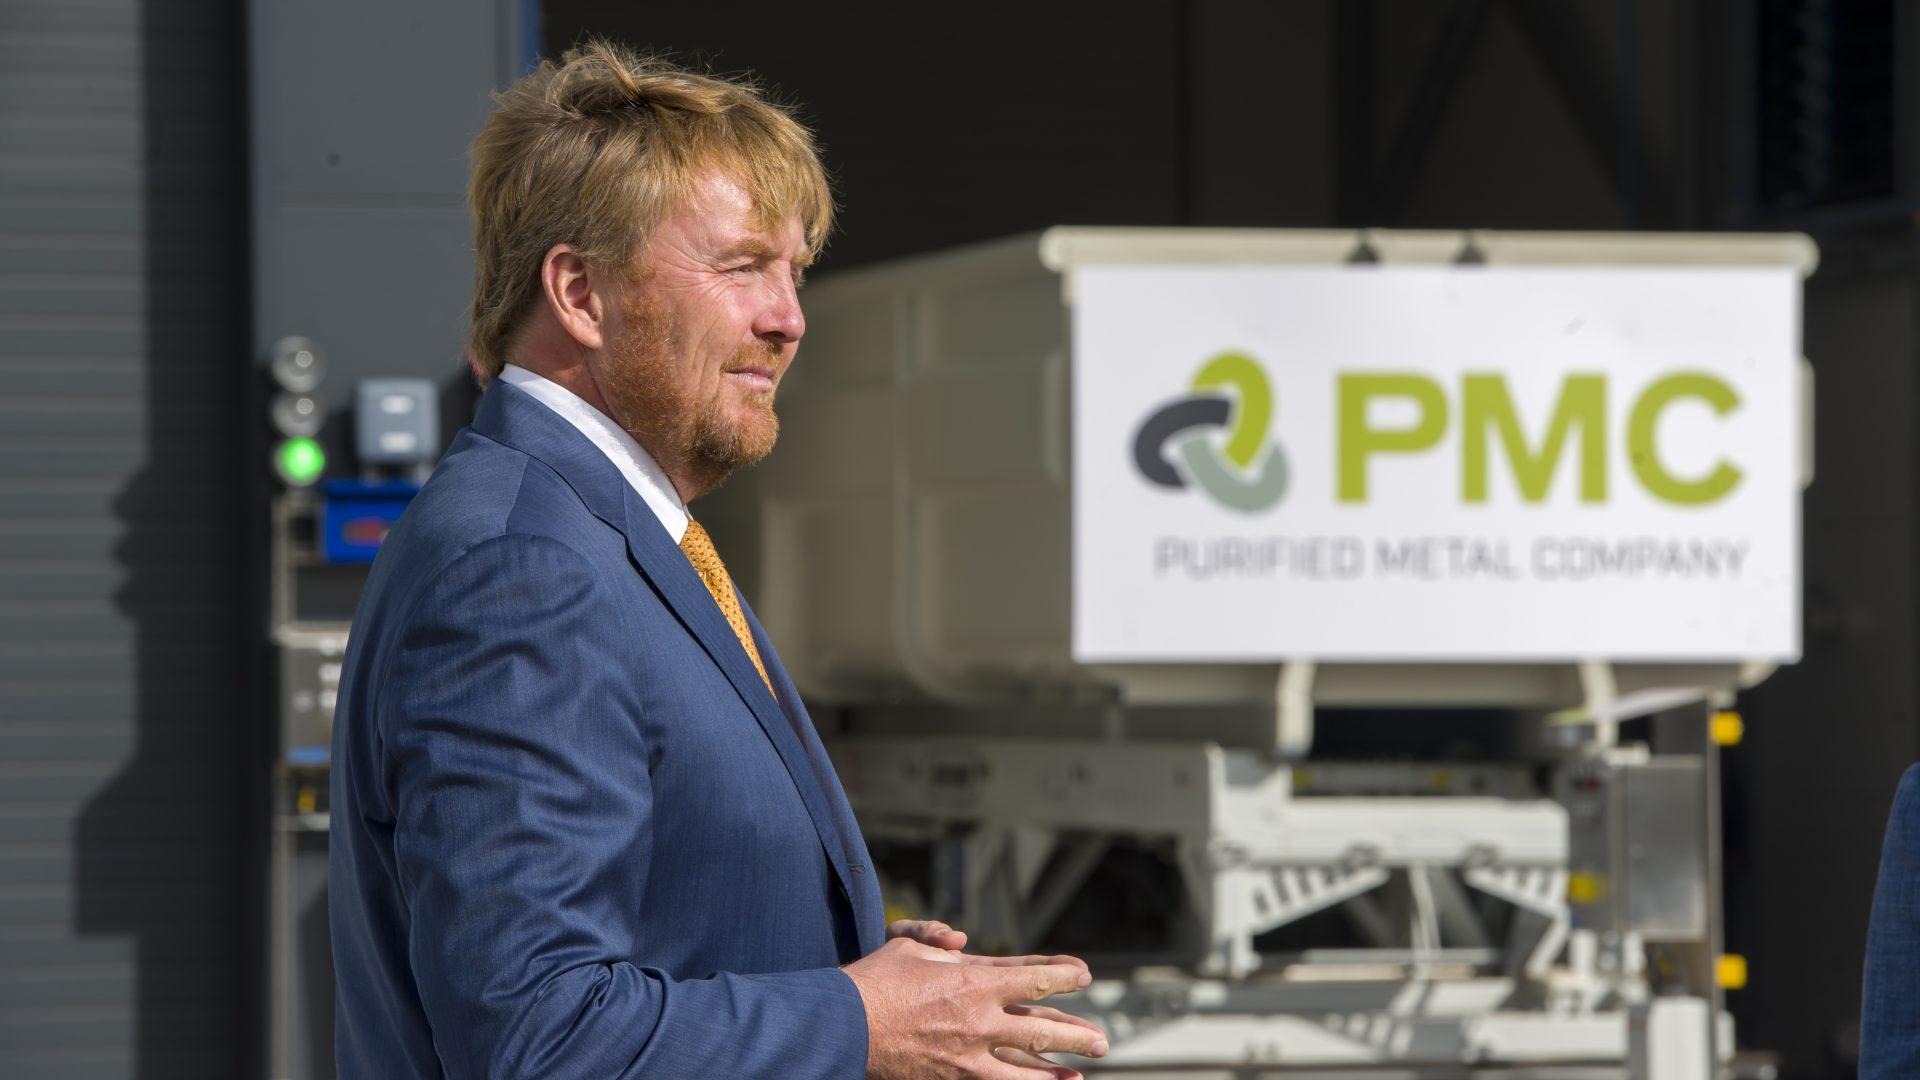 Koning Willem-Alexander opent eerste recyclingsfabriek voor vervuild staal in Delfzijl